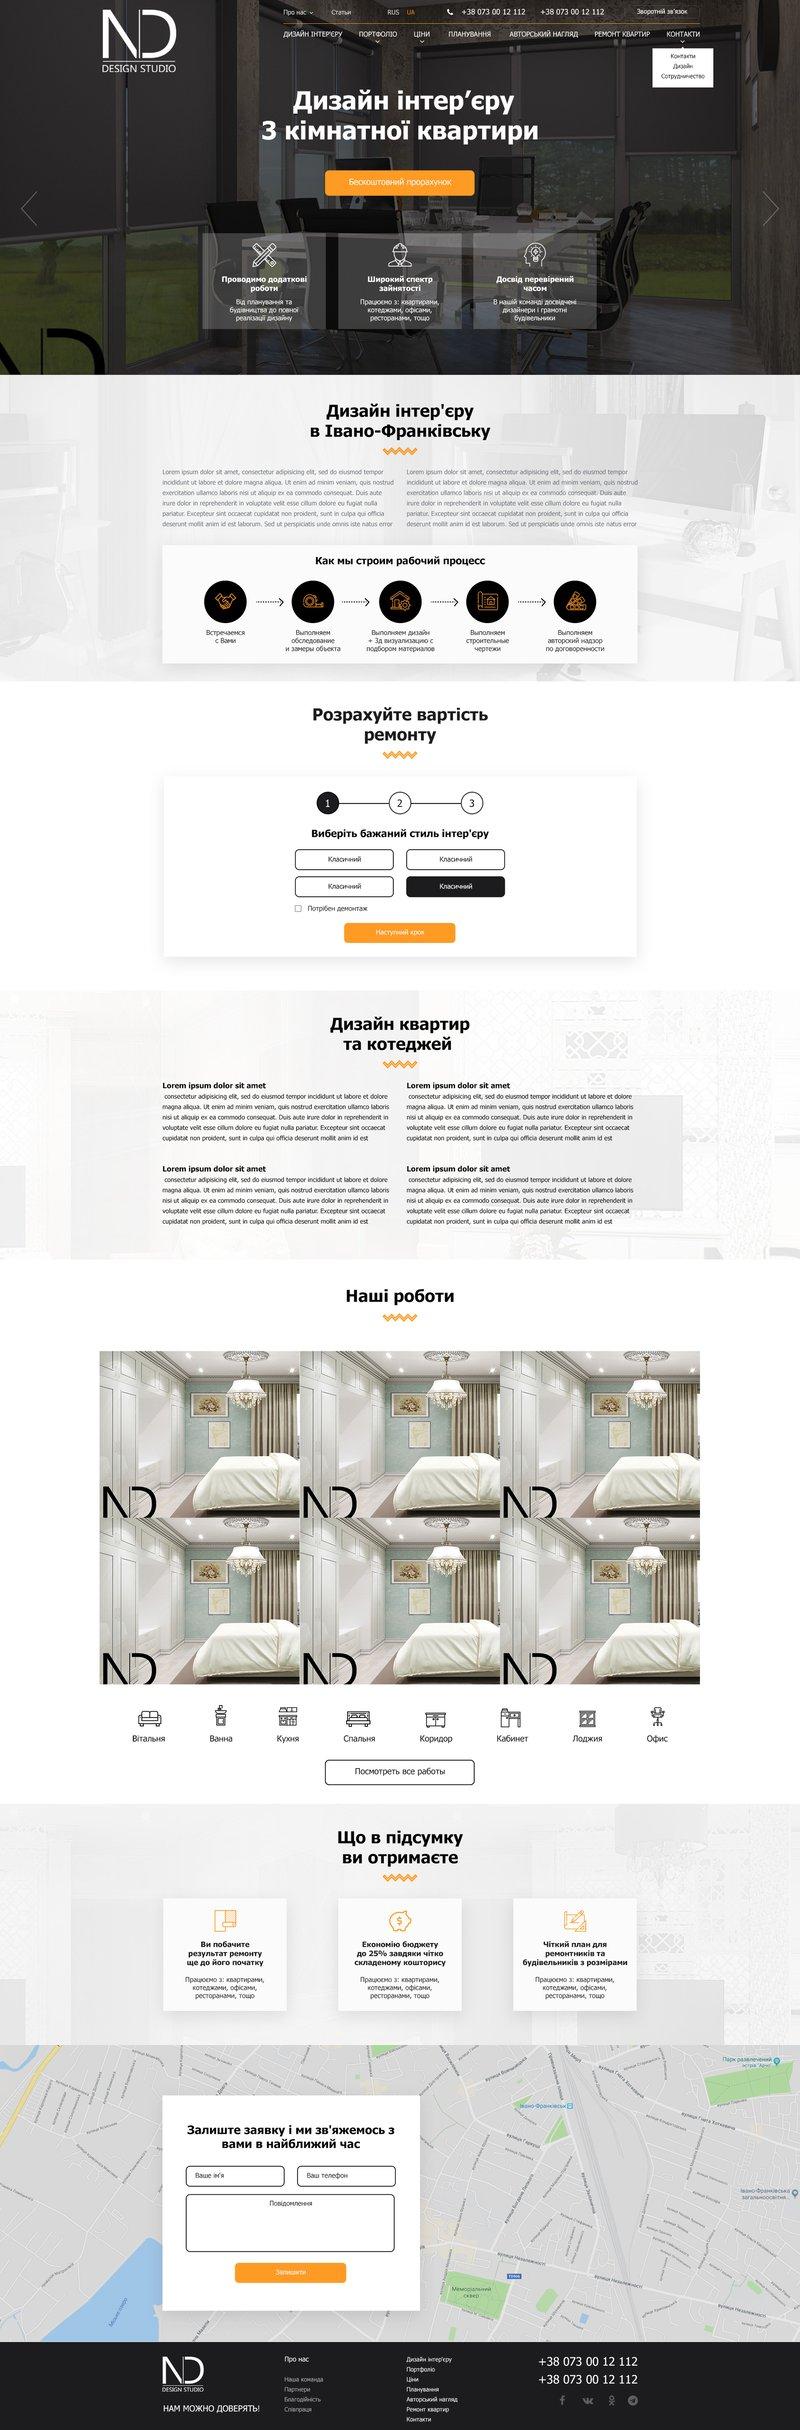 ND Design – работа в портфолио фрилансера